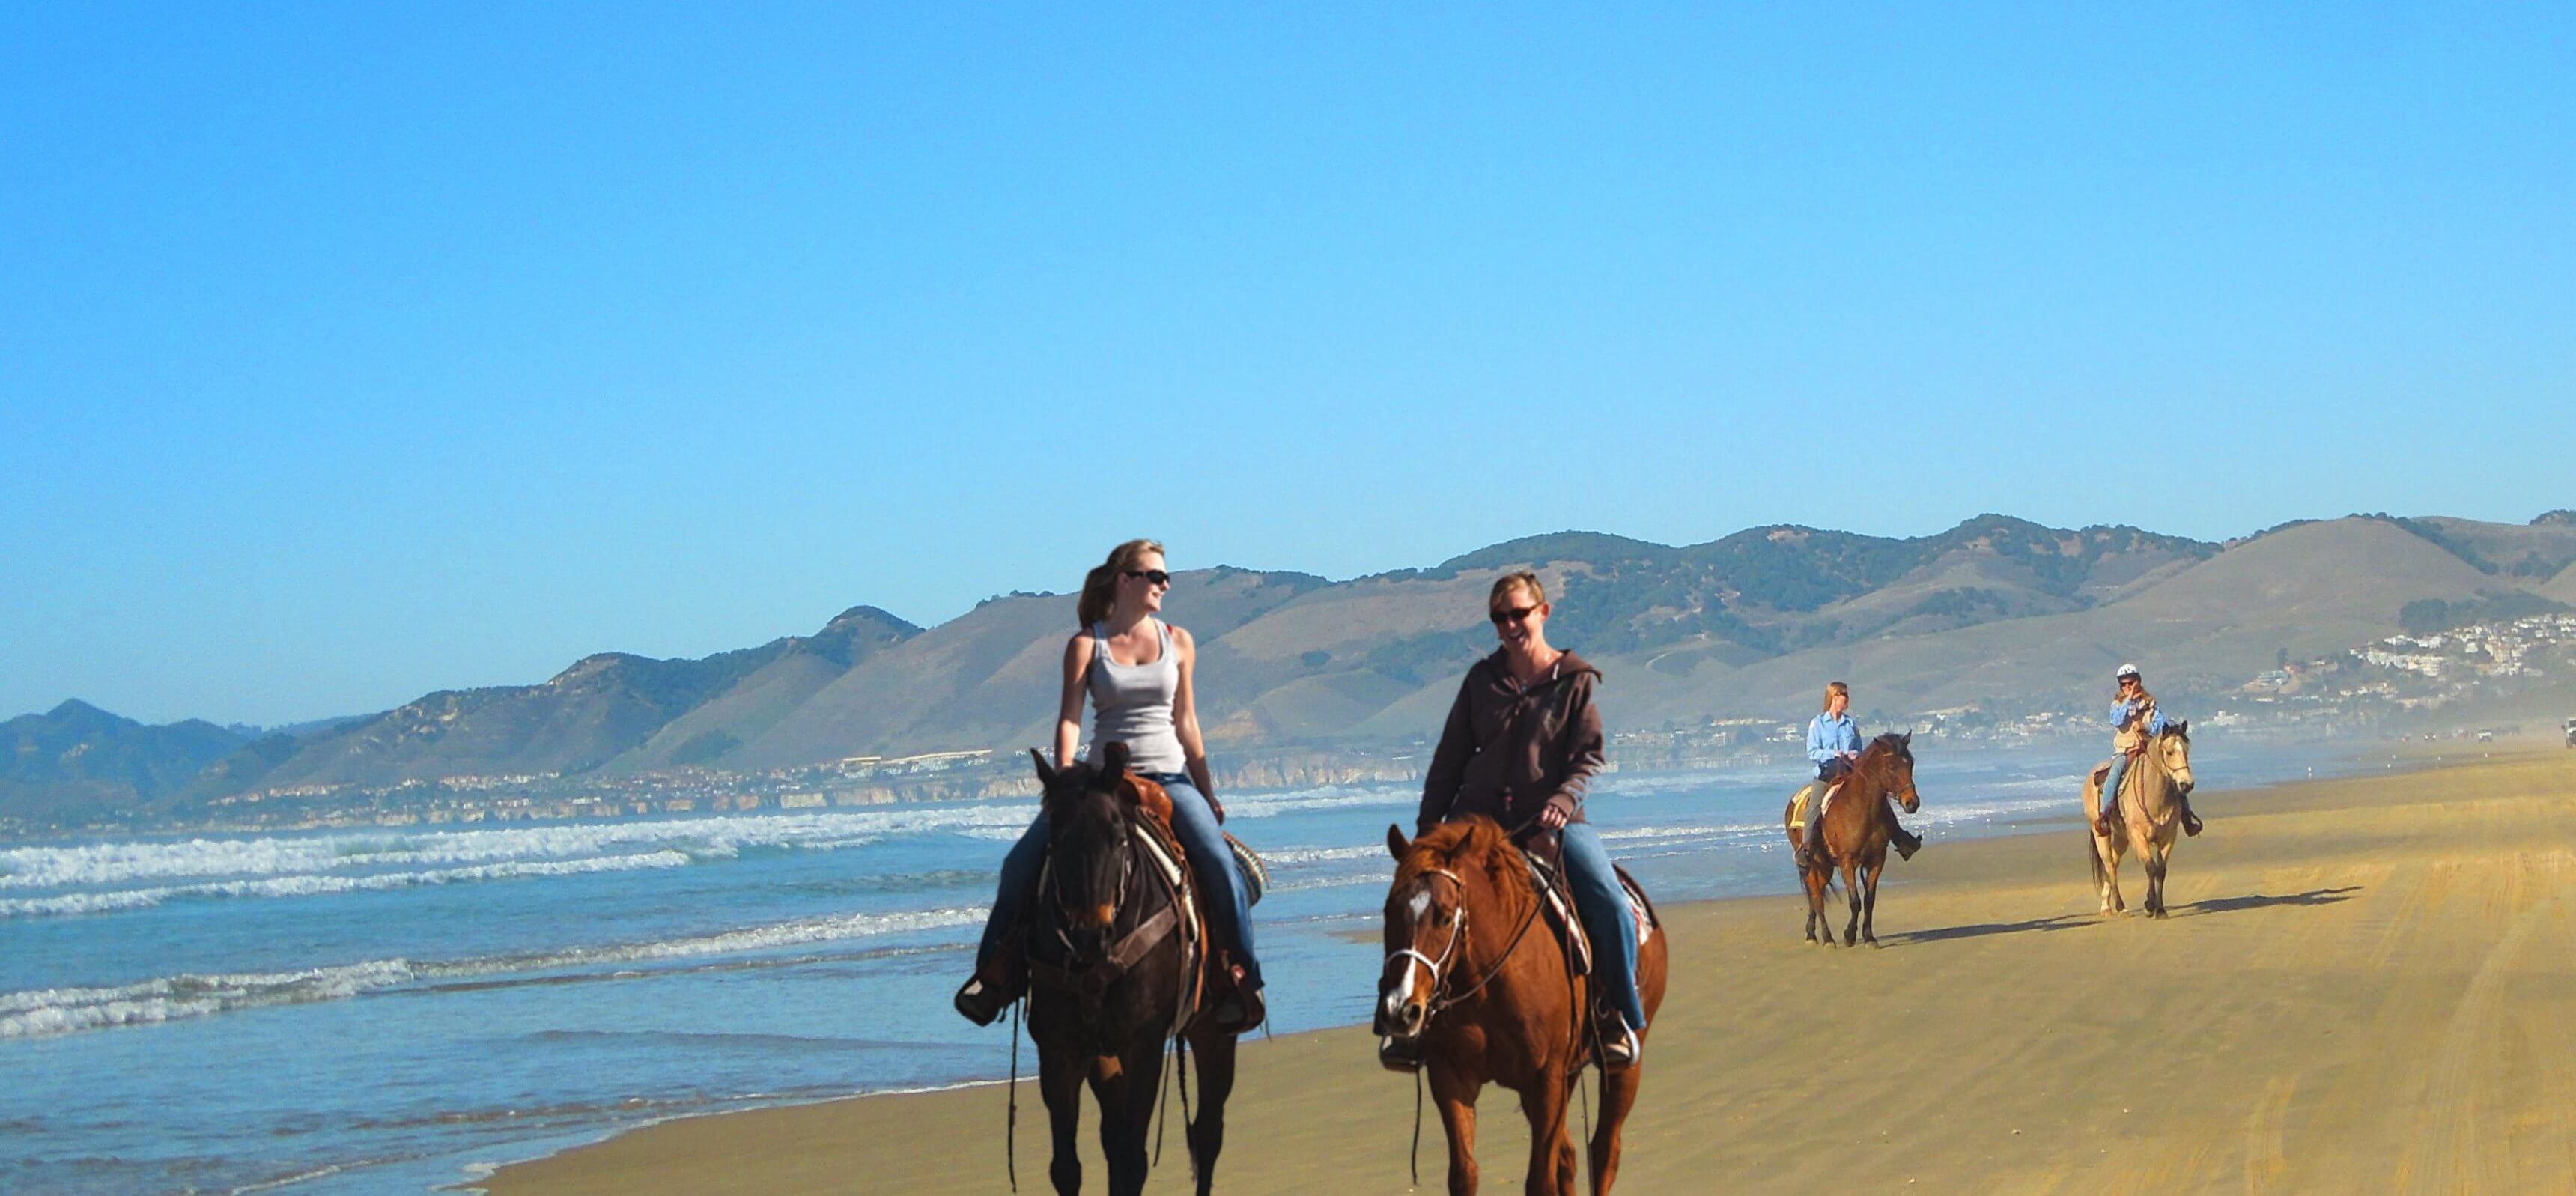 faire-de_l-equitation-dans-la-region-de-San-_Francisco-horseback-_ride